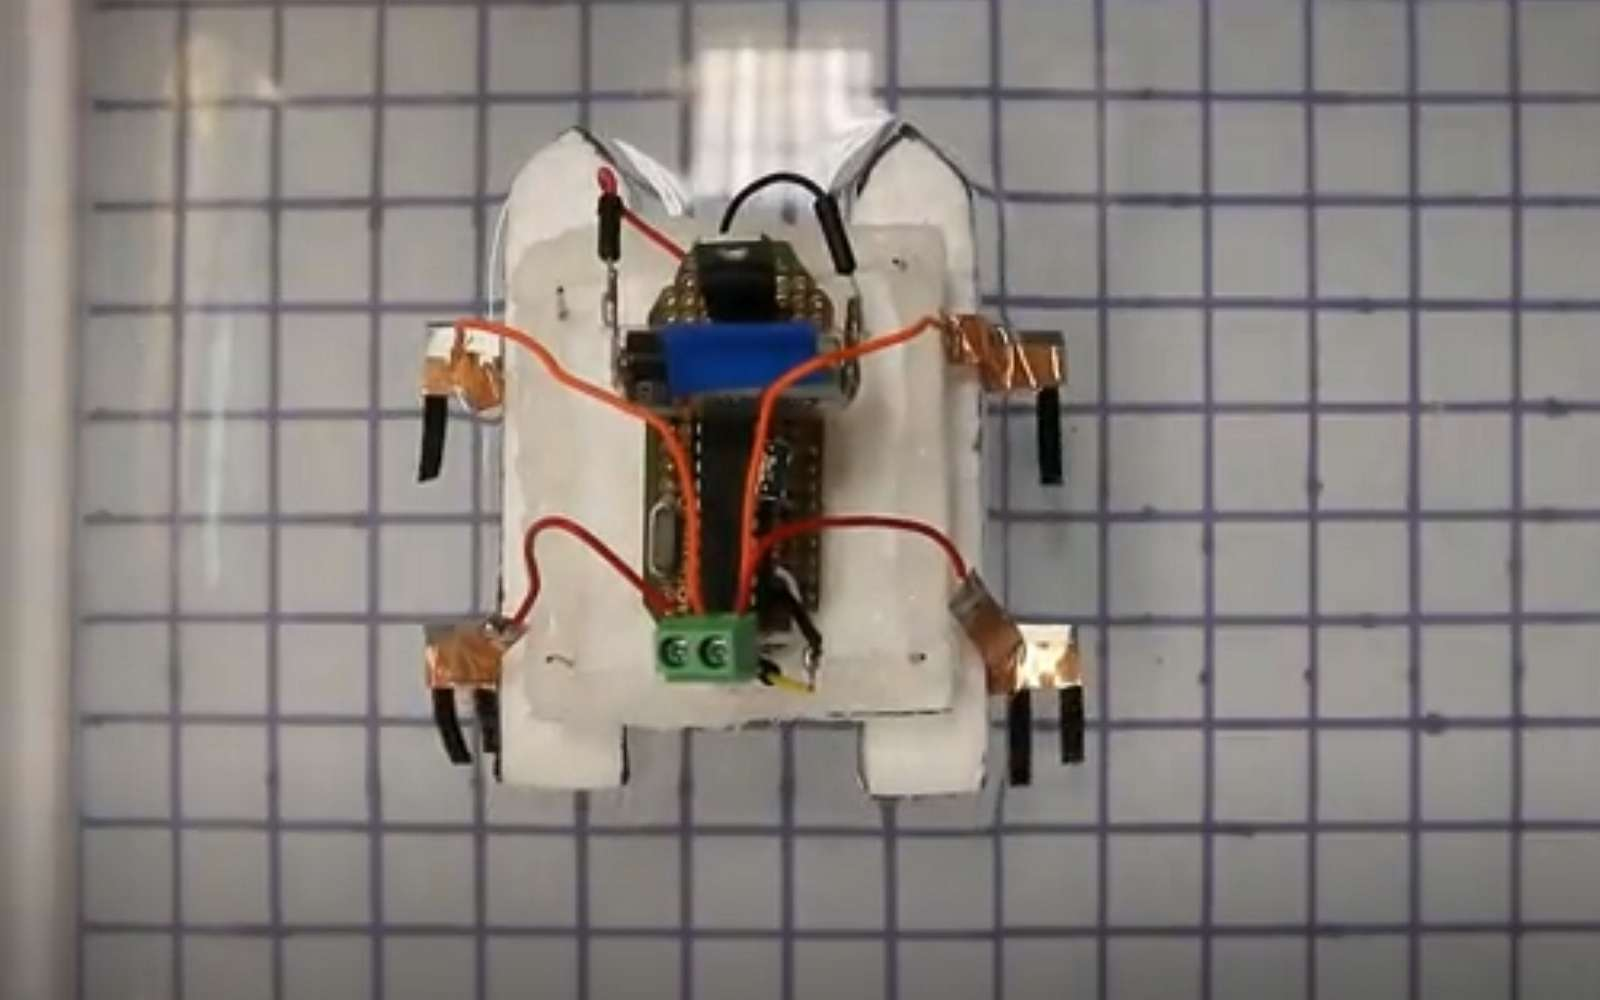 Les chercheurs de l'université de Hong Kong ont mis au point un mini-robot doté de pattes conçues à partir d'un matériau constitué d'hydroxyde de nickel oxyhydroxide. Dès qu'une source de lumière vient les stimuler, les pattes se déforment et déplacent le robot vers cette source. © University of Hong Kong